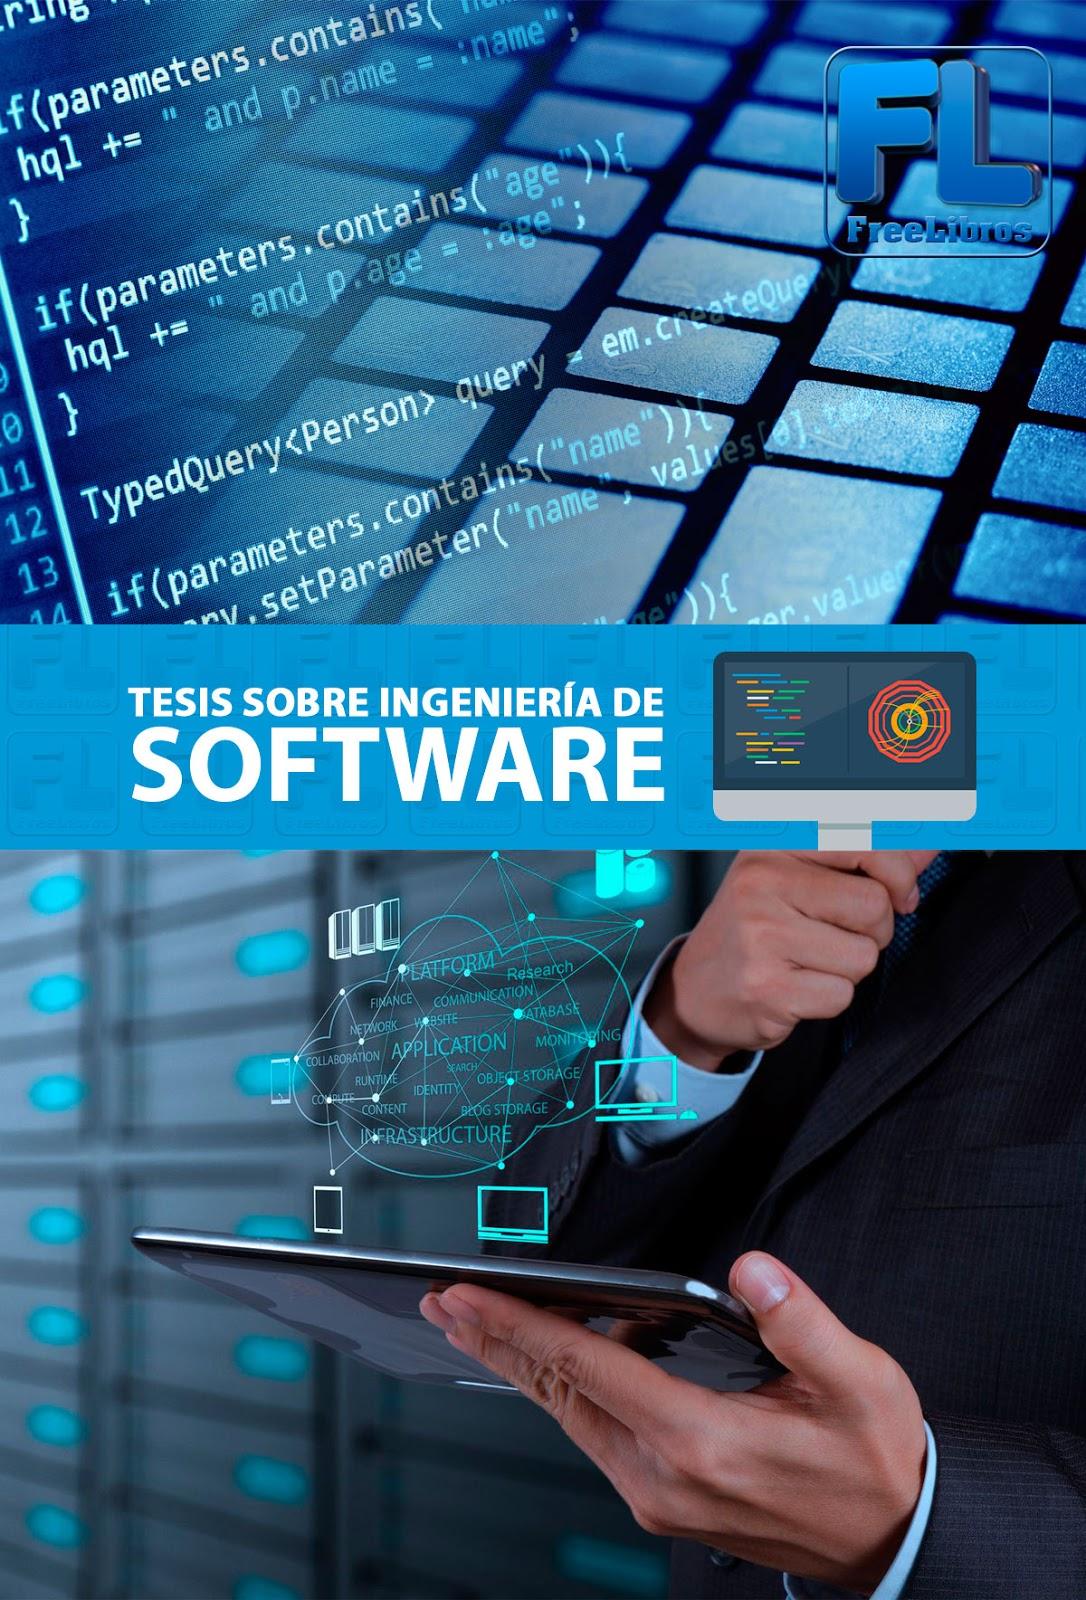 Tesis Sobre Ingenieria de Software